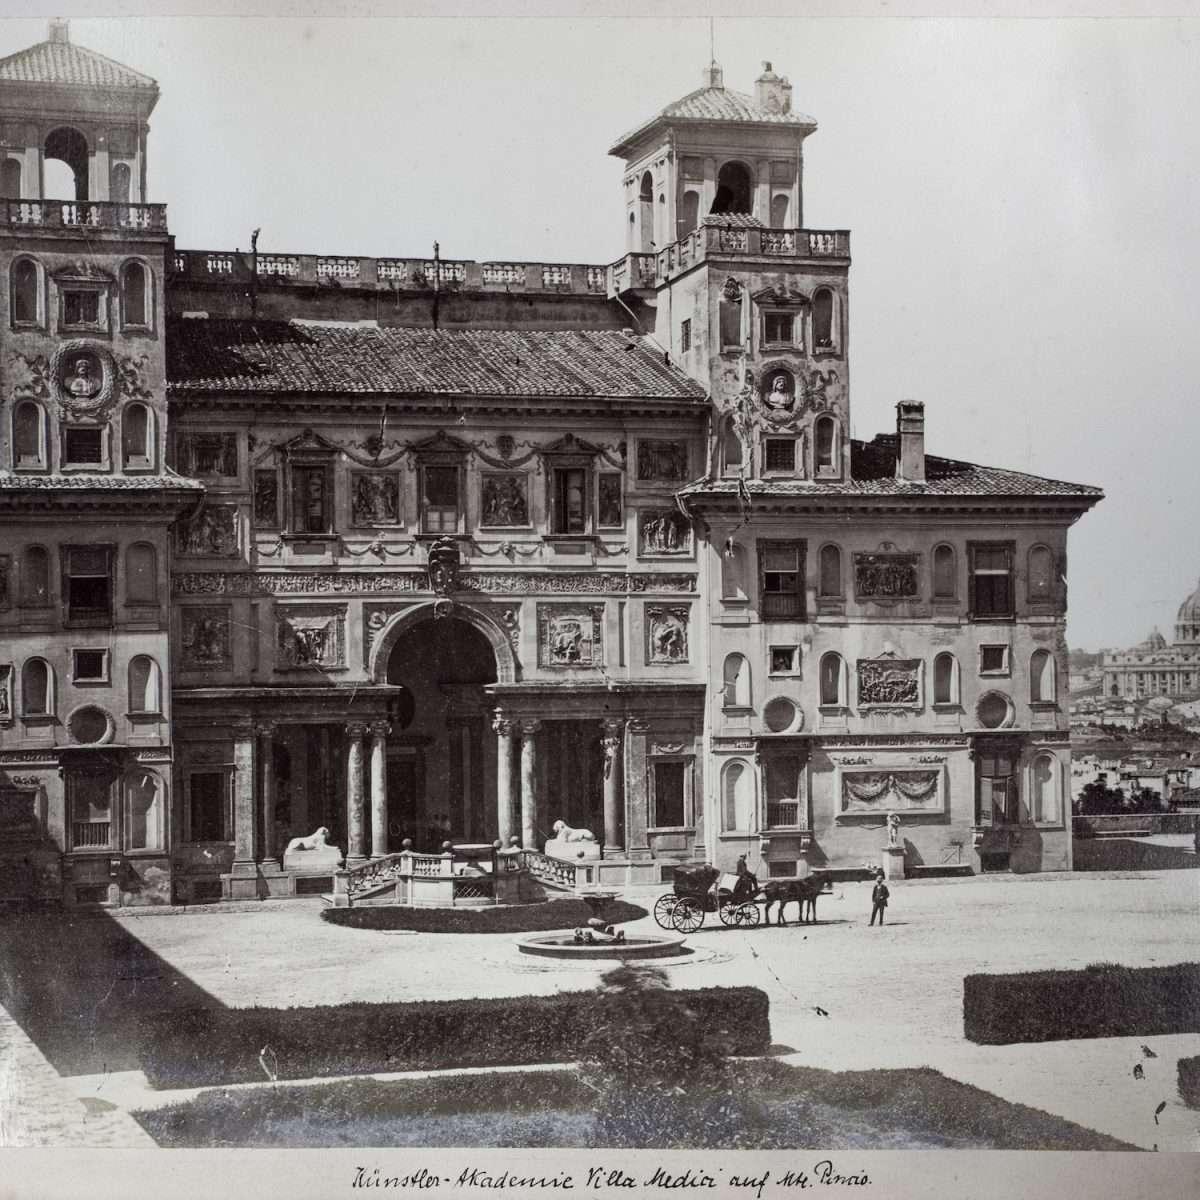 L-1090127 - Villa Medici - Caneva - 1860